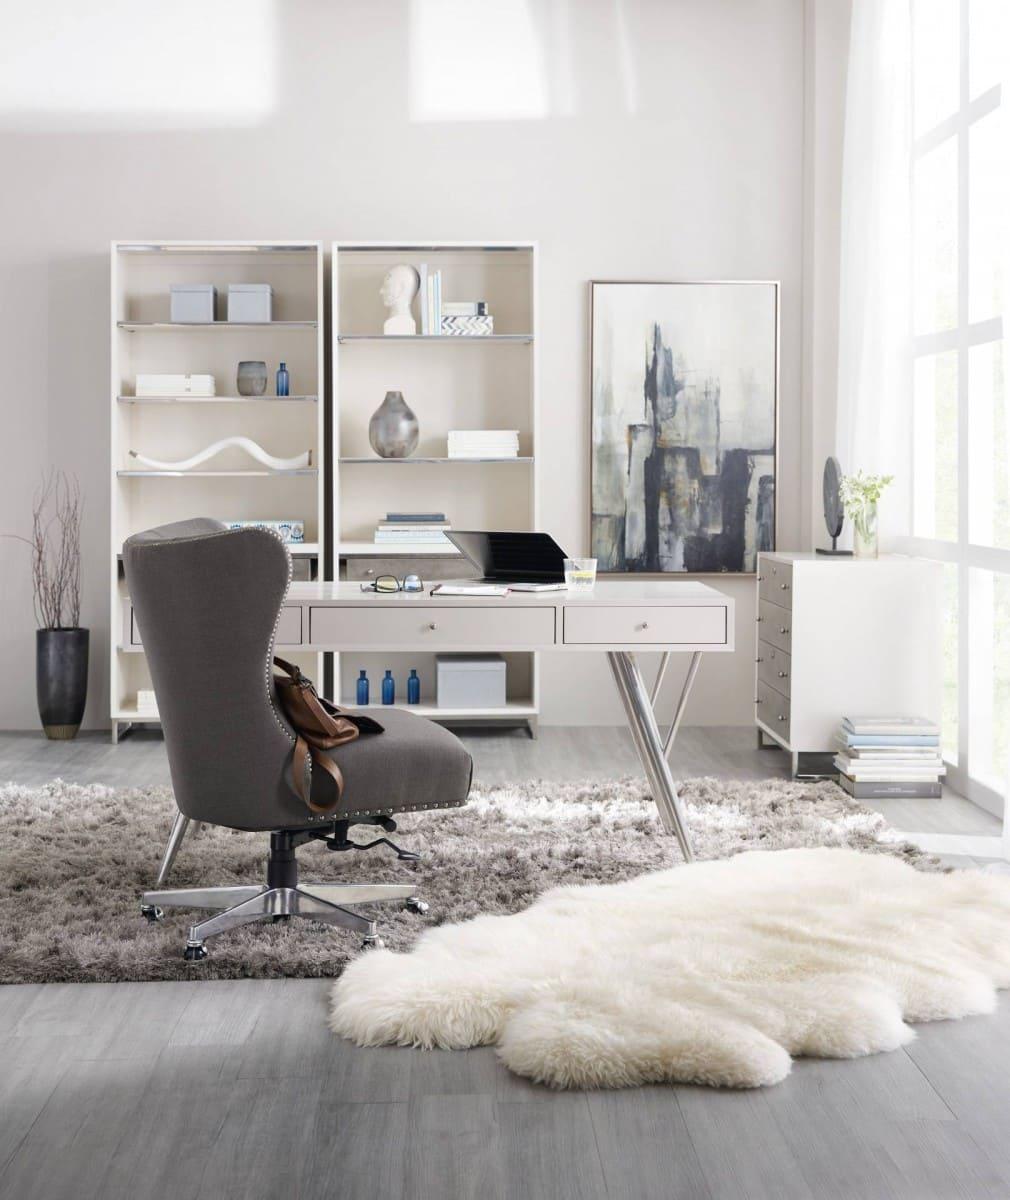 Домашний офис во время карантина. Переходим в онлайн.